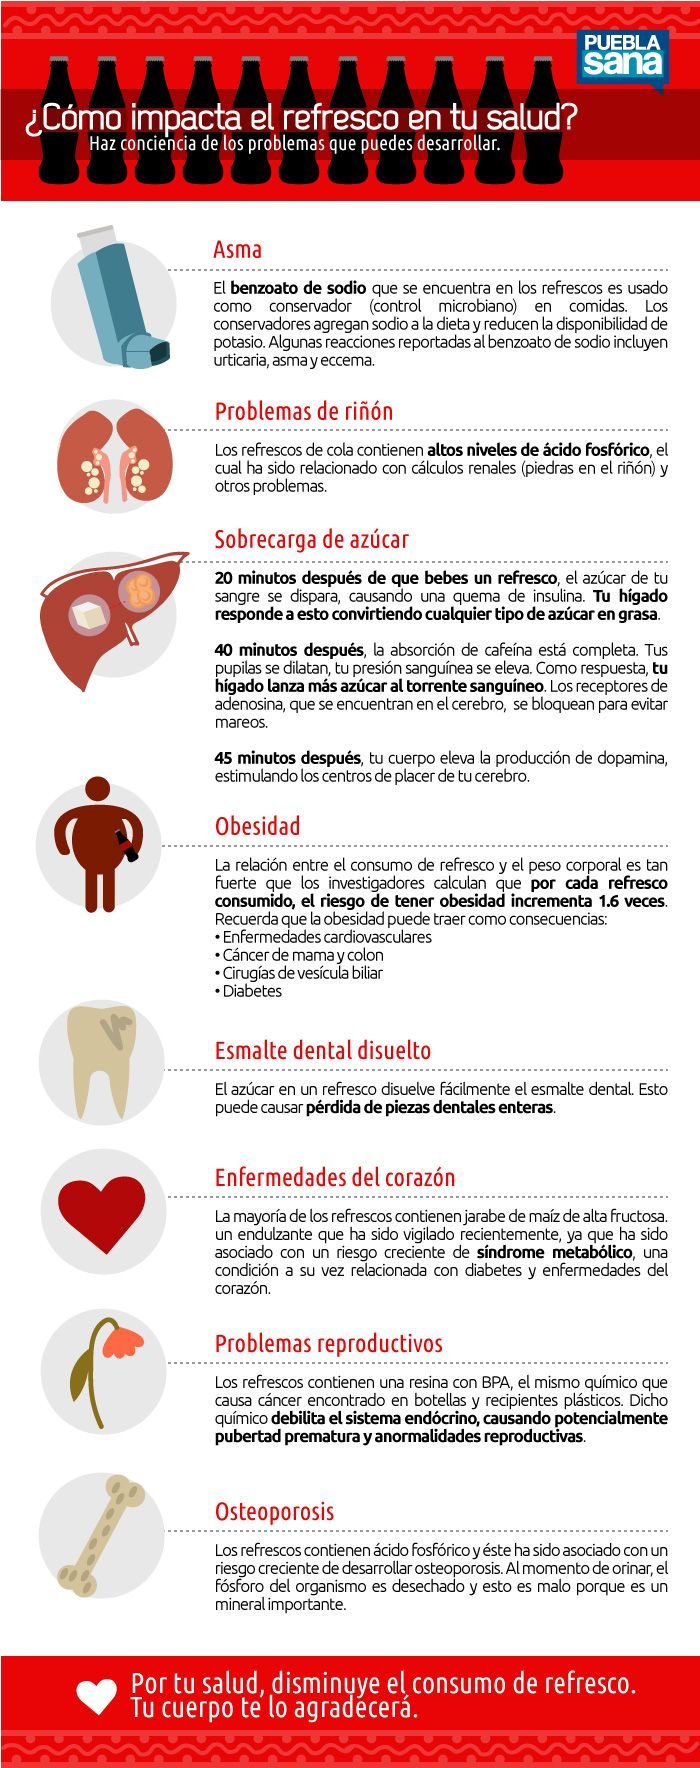 El gobierno del Estado de Puebla, en México, nos comparte esto sobre el peligro de los refrescos